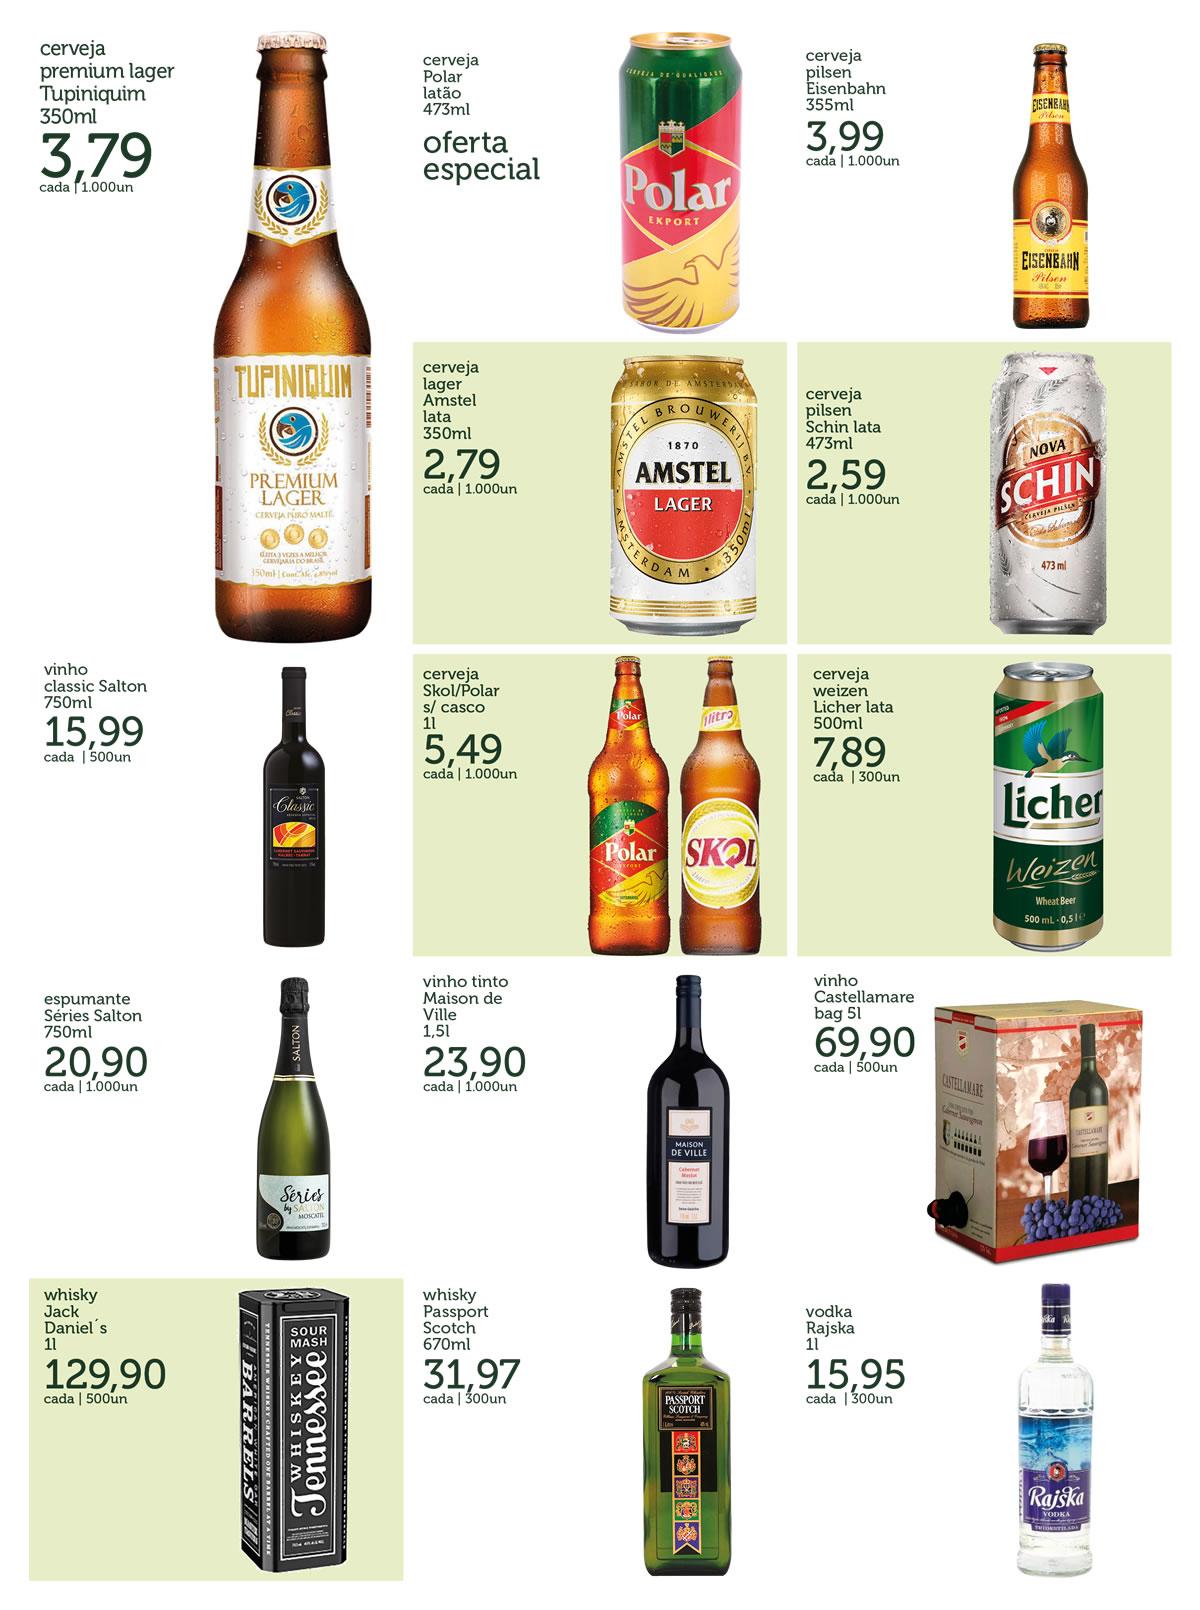 caita_supermercados_tabloide_junho2018_erechim14